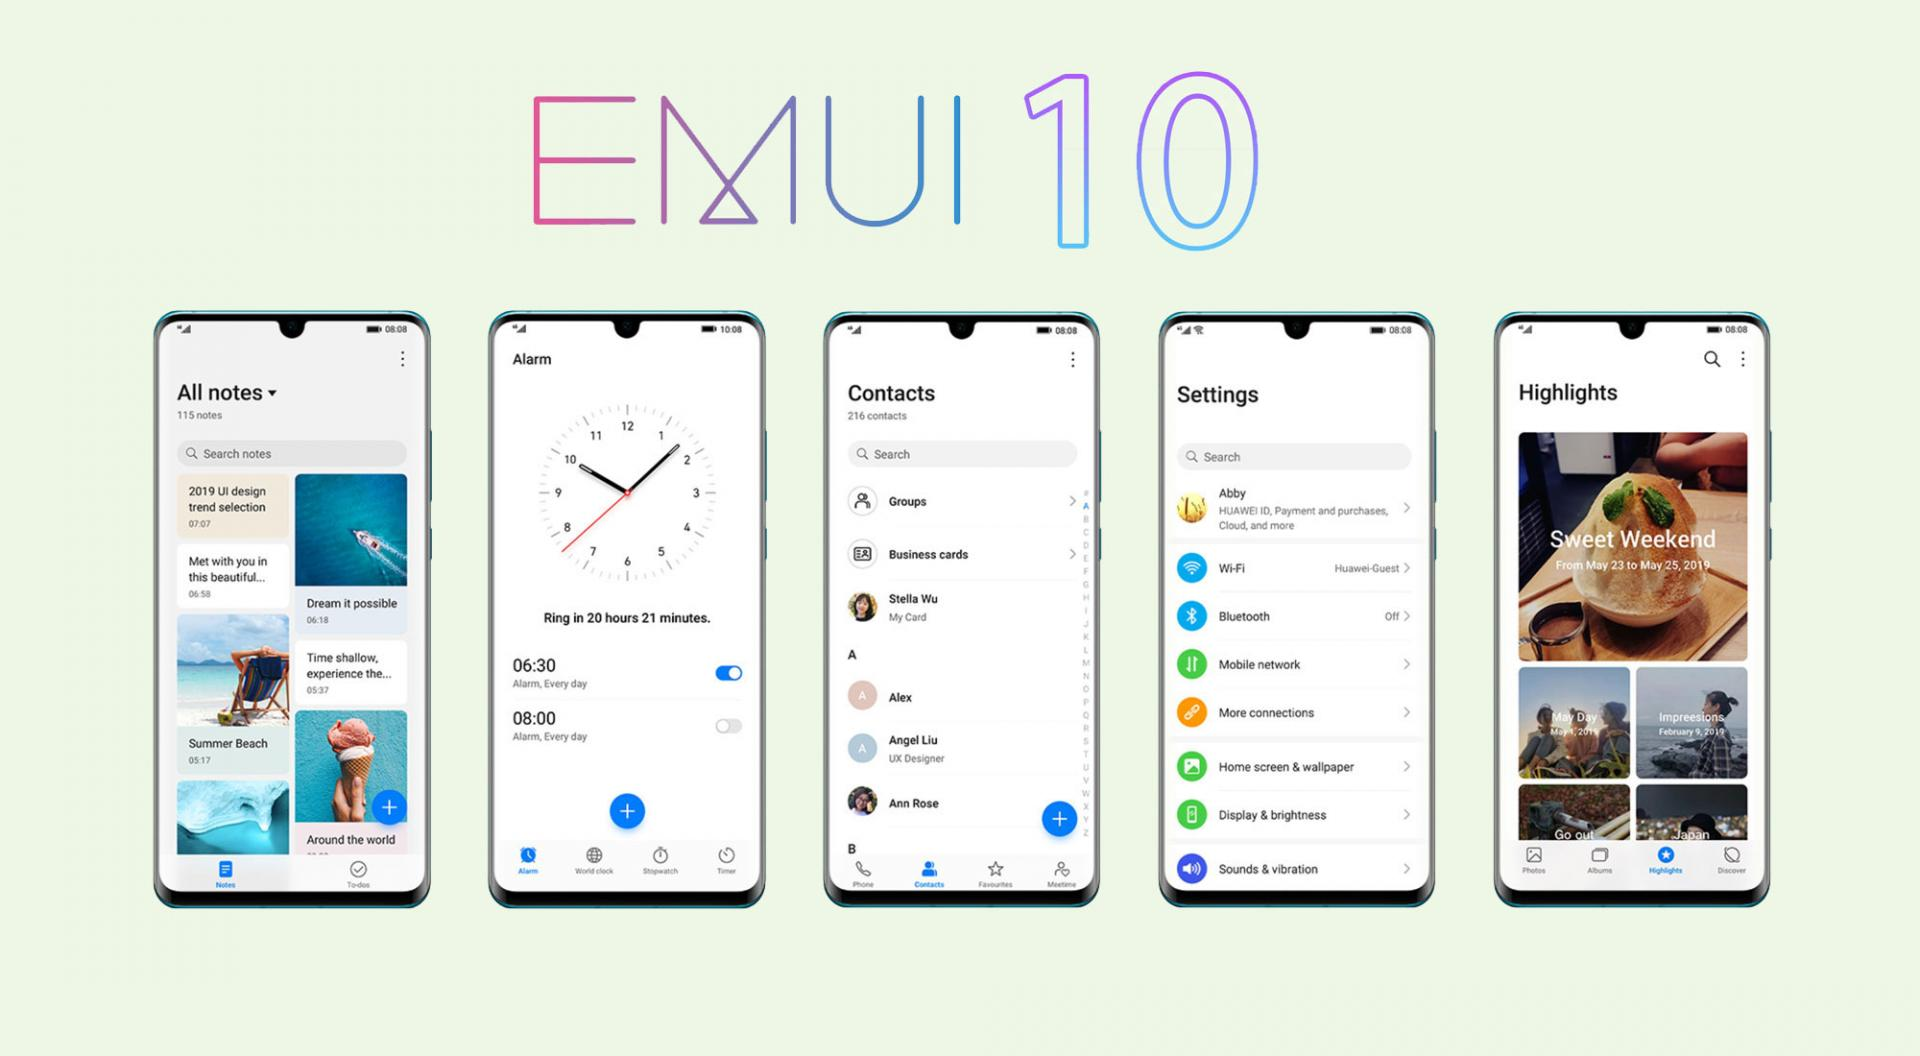 Названы смартфоны Huawei/Honor, которые получат EMUI 10 вмарте